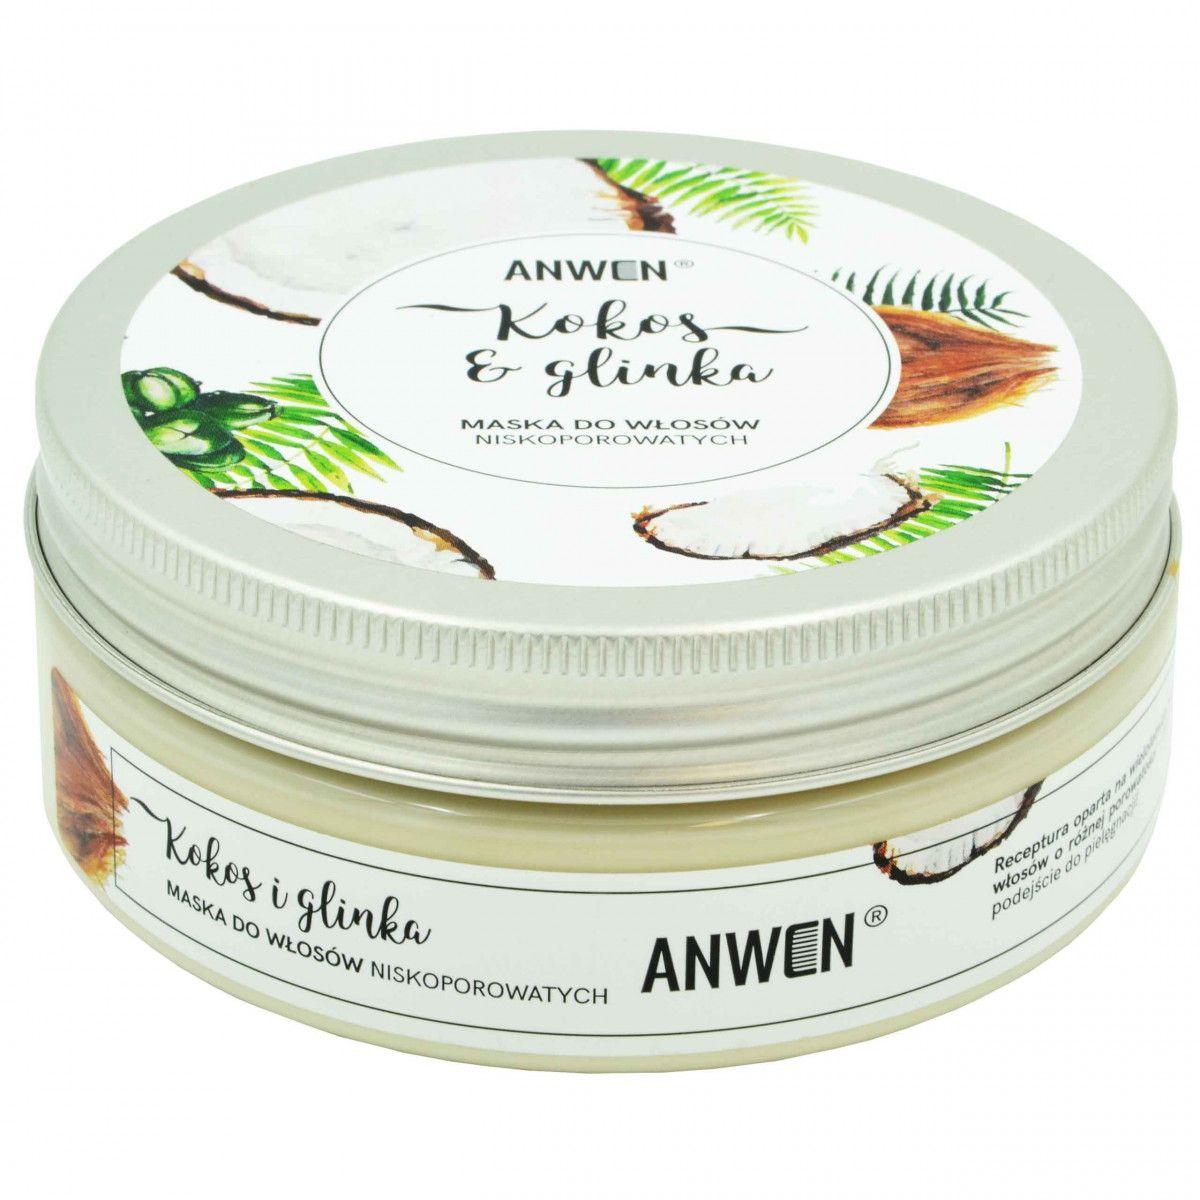 Anwen Kokos i Glinka odżywcza maska do włosów niskoporowatych 200ml